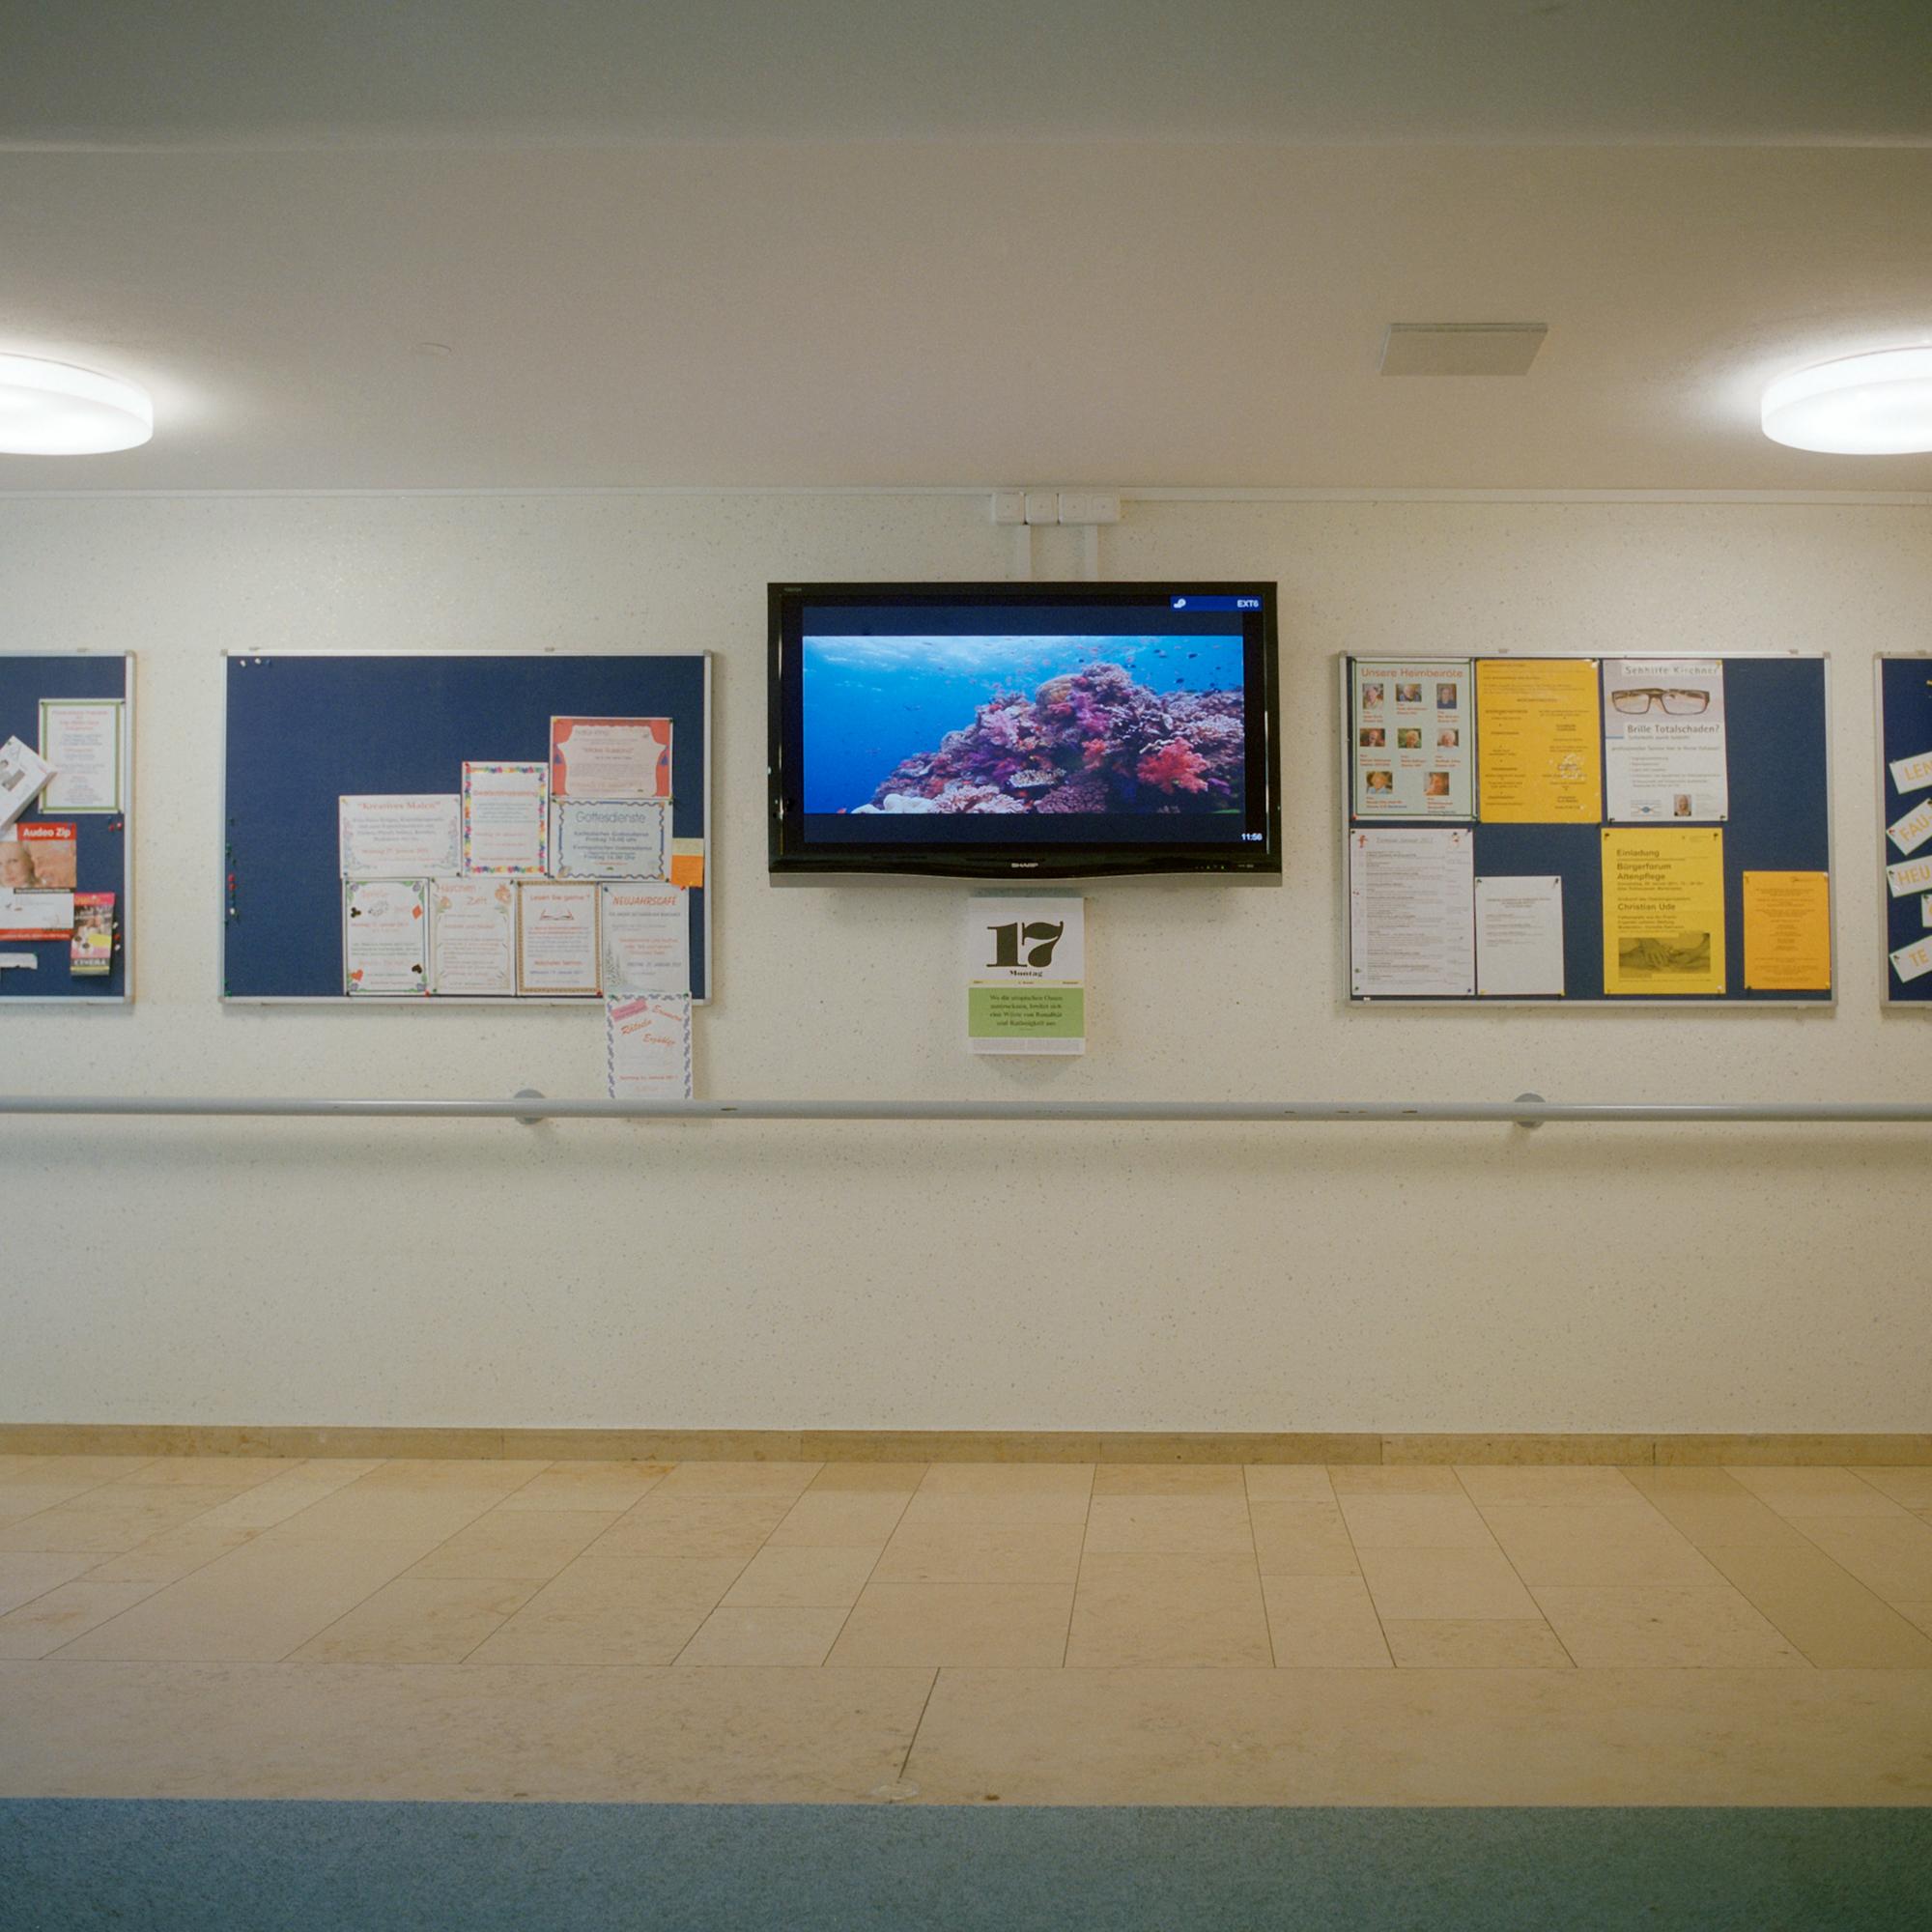 Fritz Kistler Haus, Pasing. Tierfilme werden in der Eingangshalle der Einrichtung Fritz- Kistler in der Schmaedelstrasse 29, Muenchen gezeigt, 17. Januar 2011. Fotograf Evi Lemberger